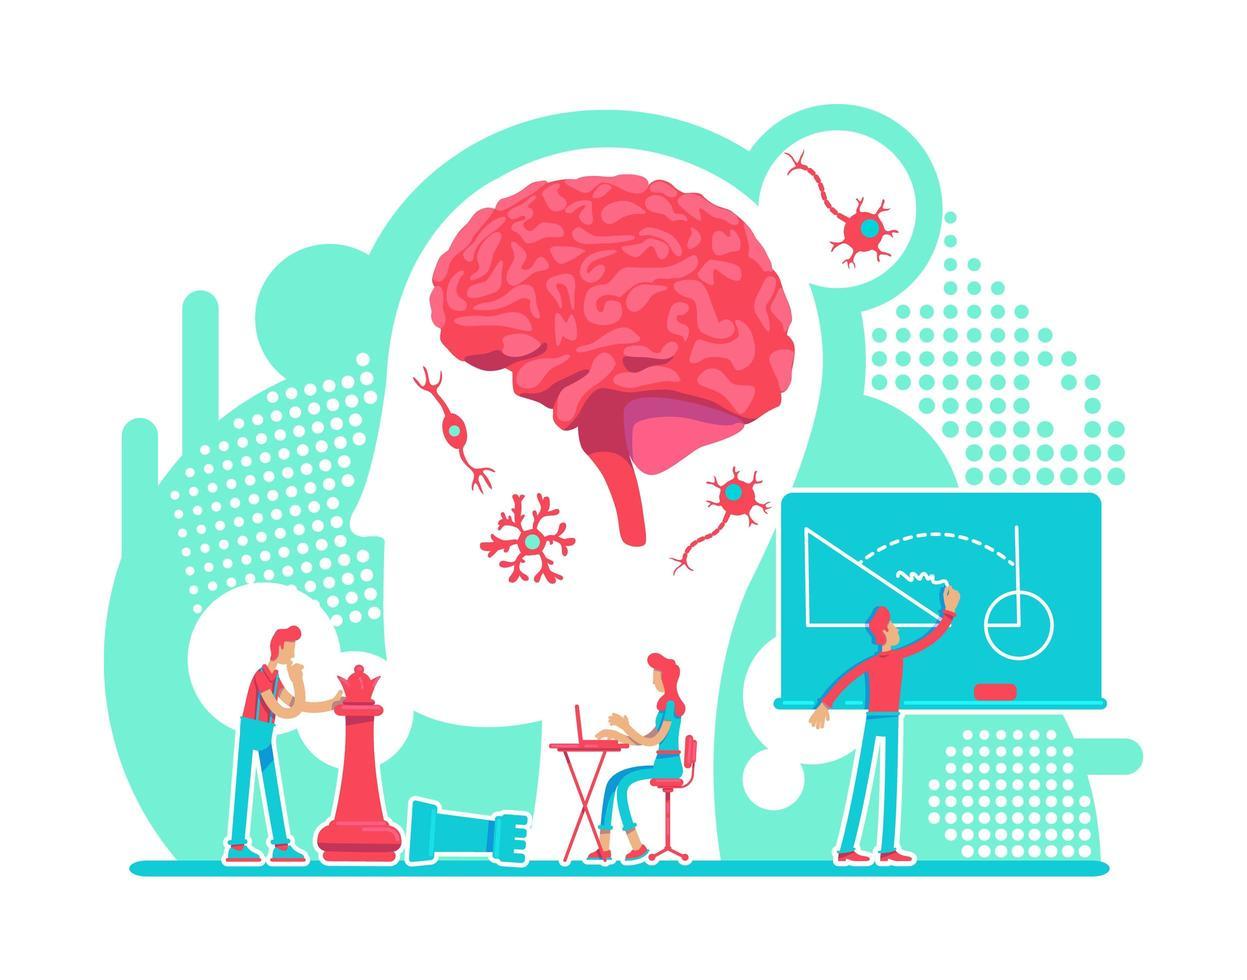 laboratorio di intelligenza neurologica vettore